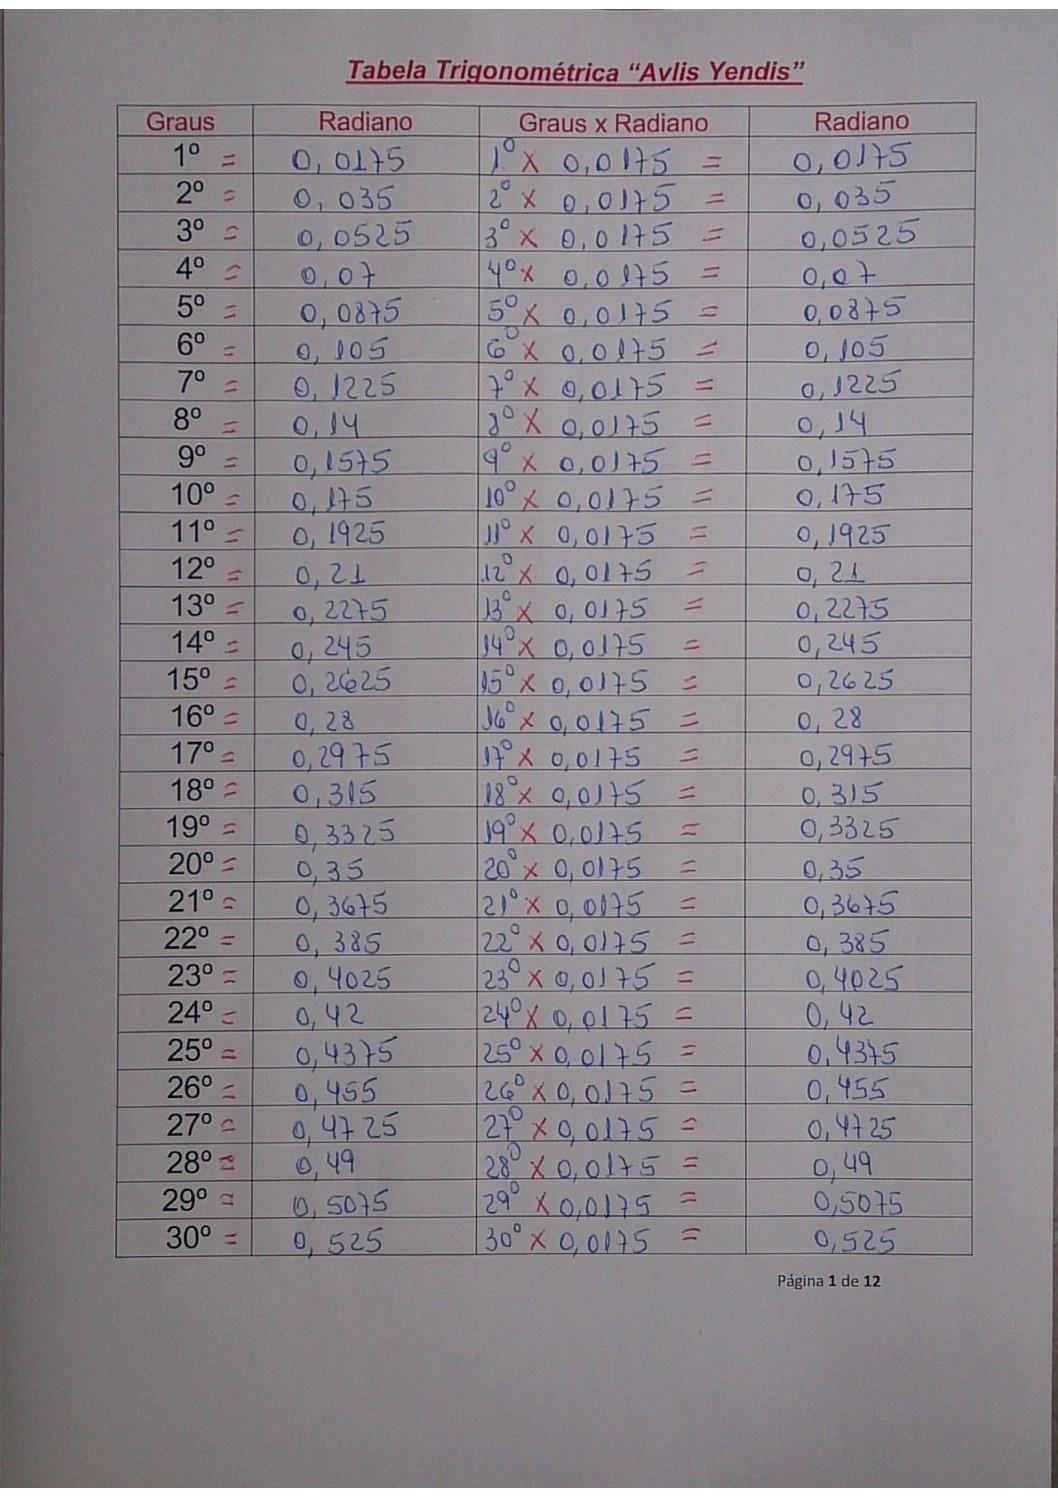 Tabela oficial tri 23 01 nmeros primos pinterest math pi a grande descoberta dentro de uma tabela trigonomtrica em uma circunferncia de 360 graus fandeluxe Images